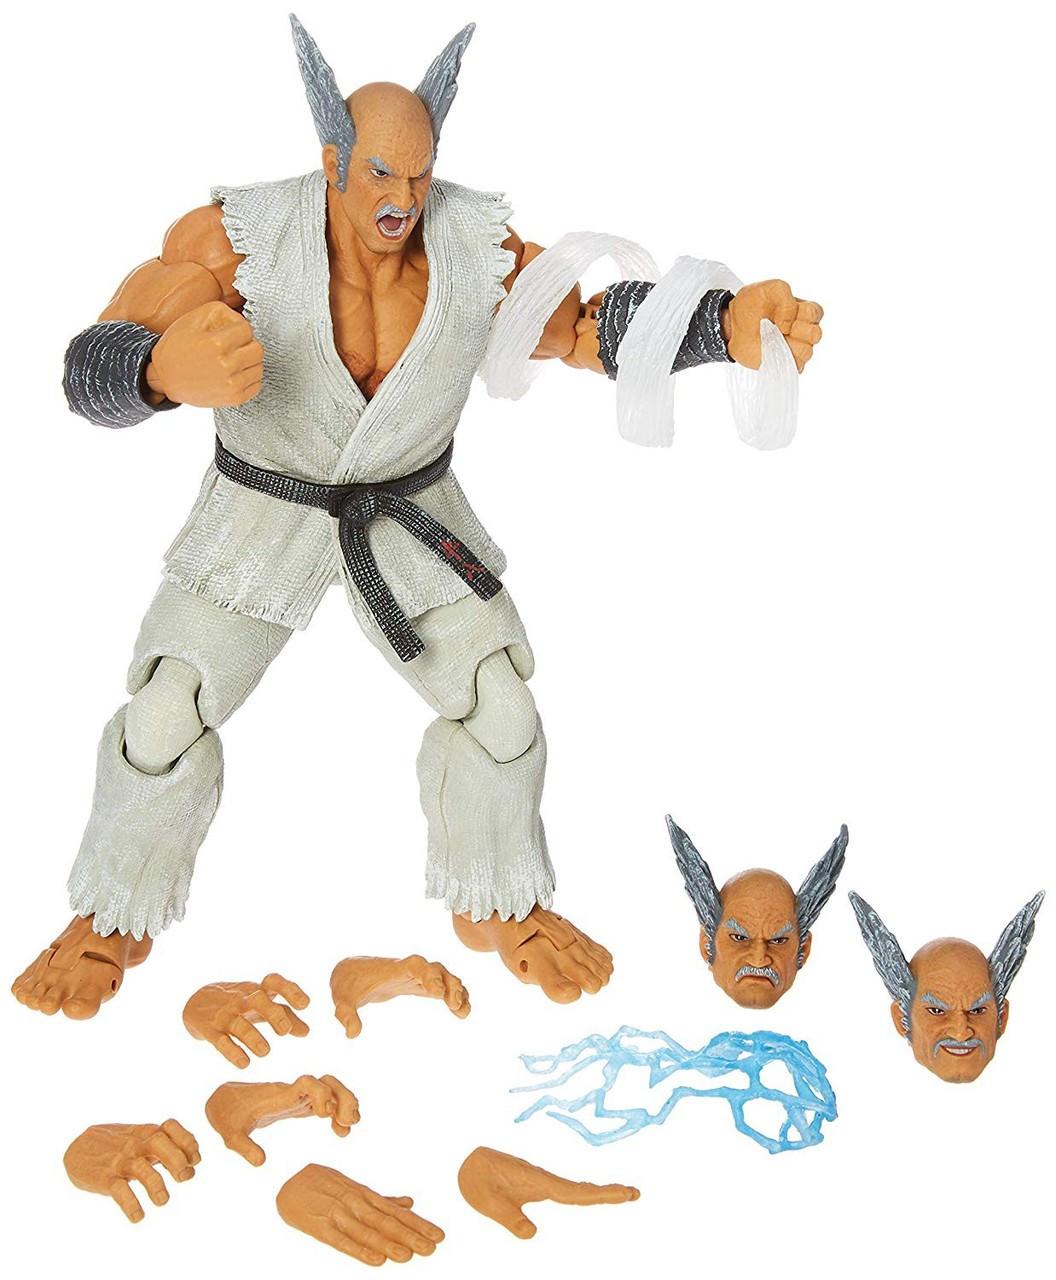 Tekken 7 Heihachi Mishima Action Figure Special Edition